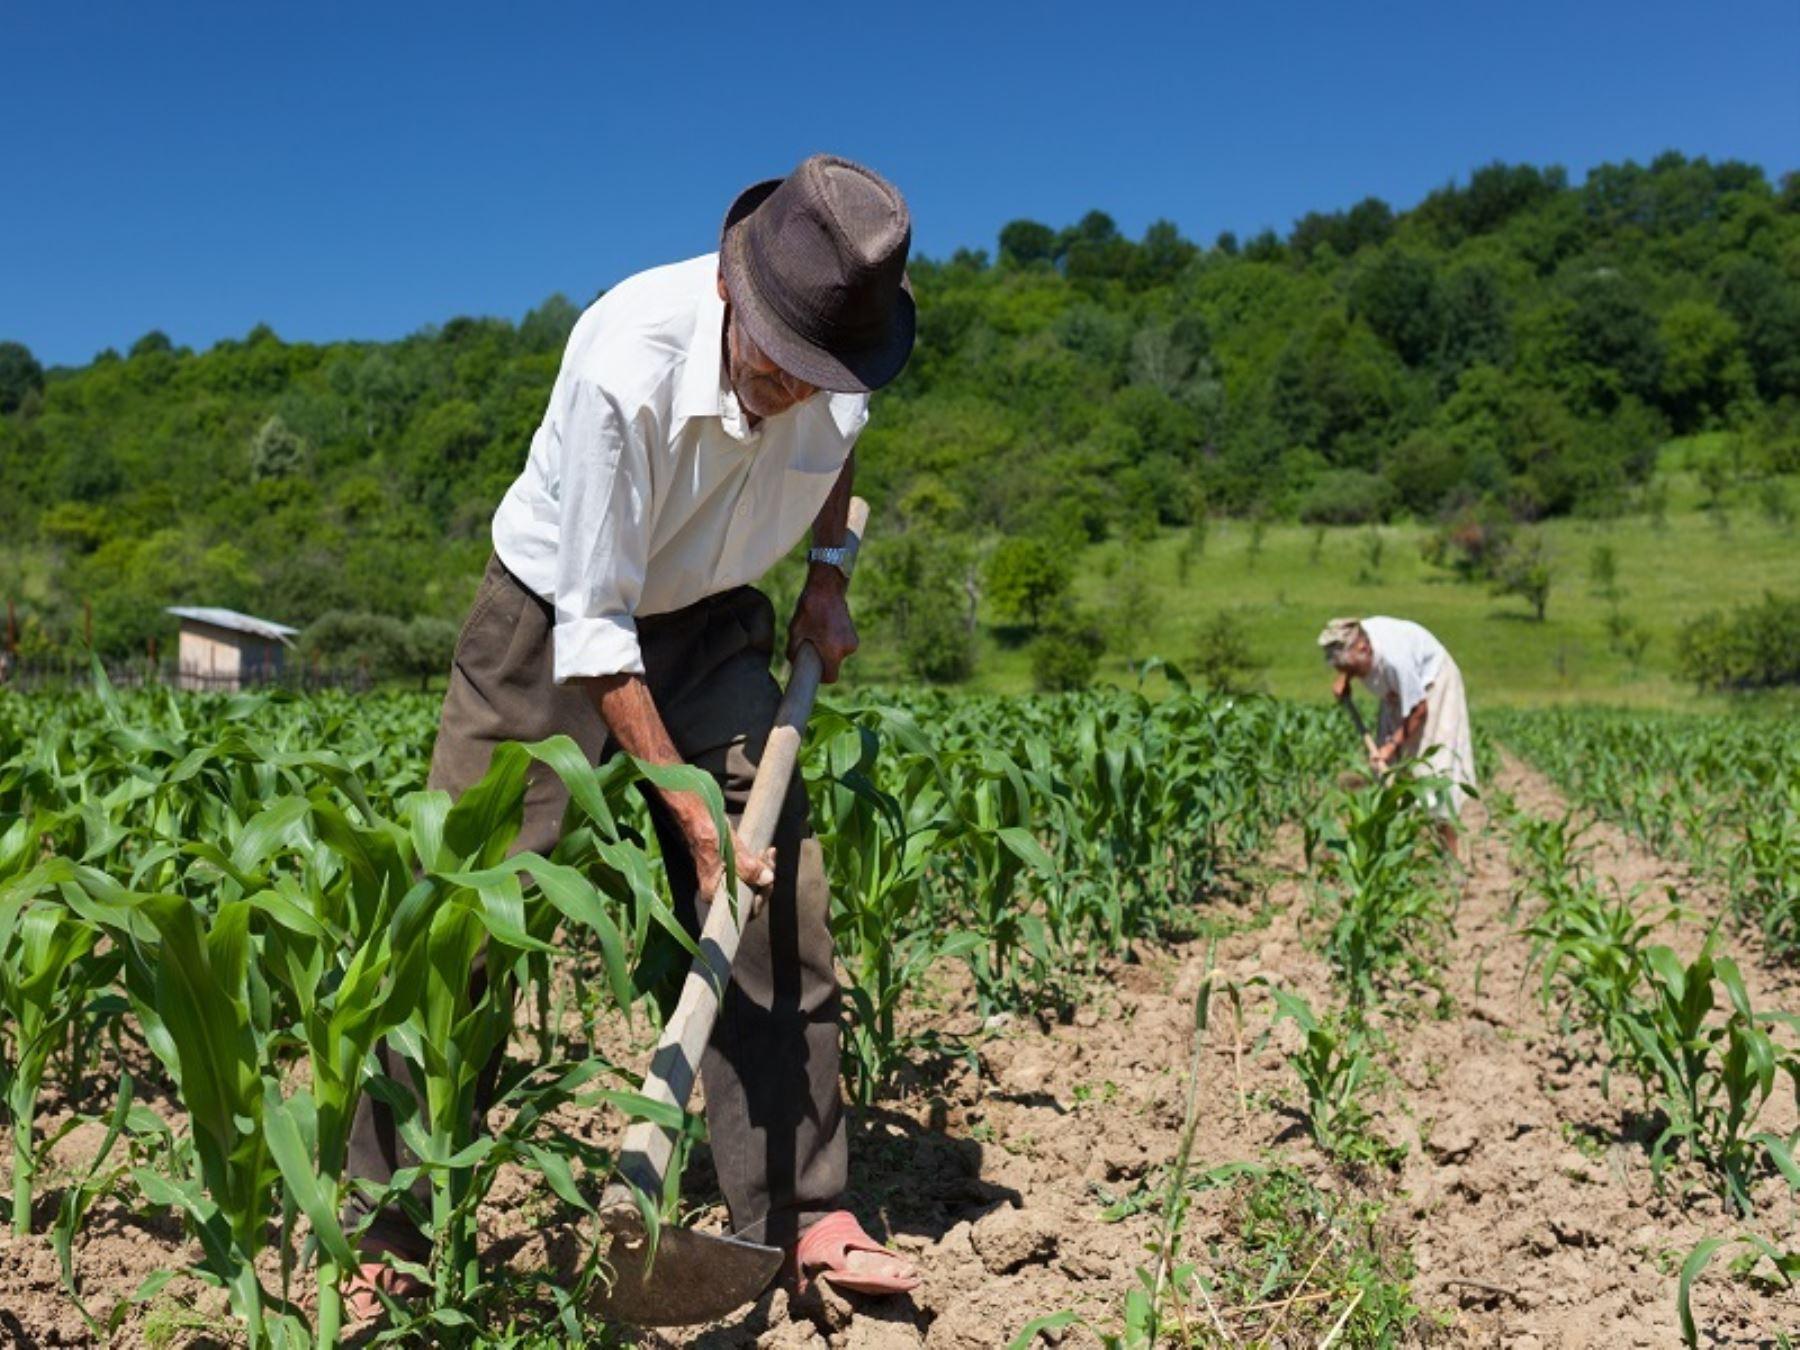 Alrededor de 280,000 agricultores de la región La Libertad, representados a través de las Juntas de Usuarios de Agua, decidieron agruparse como Asociación de Usuarios de Agua de La Libertad, alejándose de la ya conocida Junta de Nacional de Juntas de Usuarios con sede en Lima.